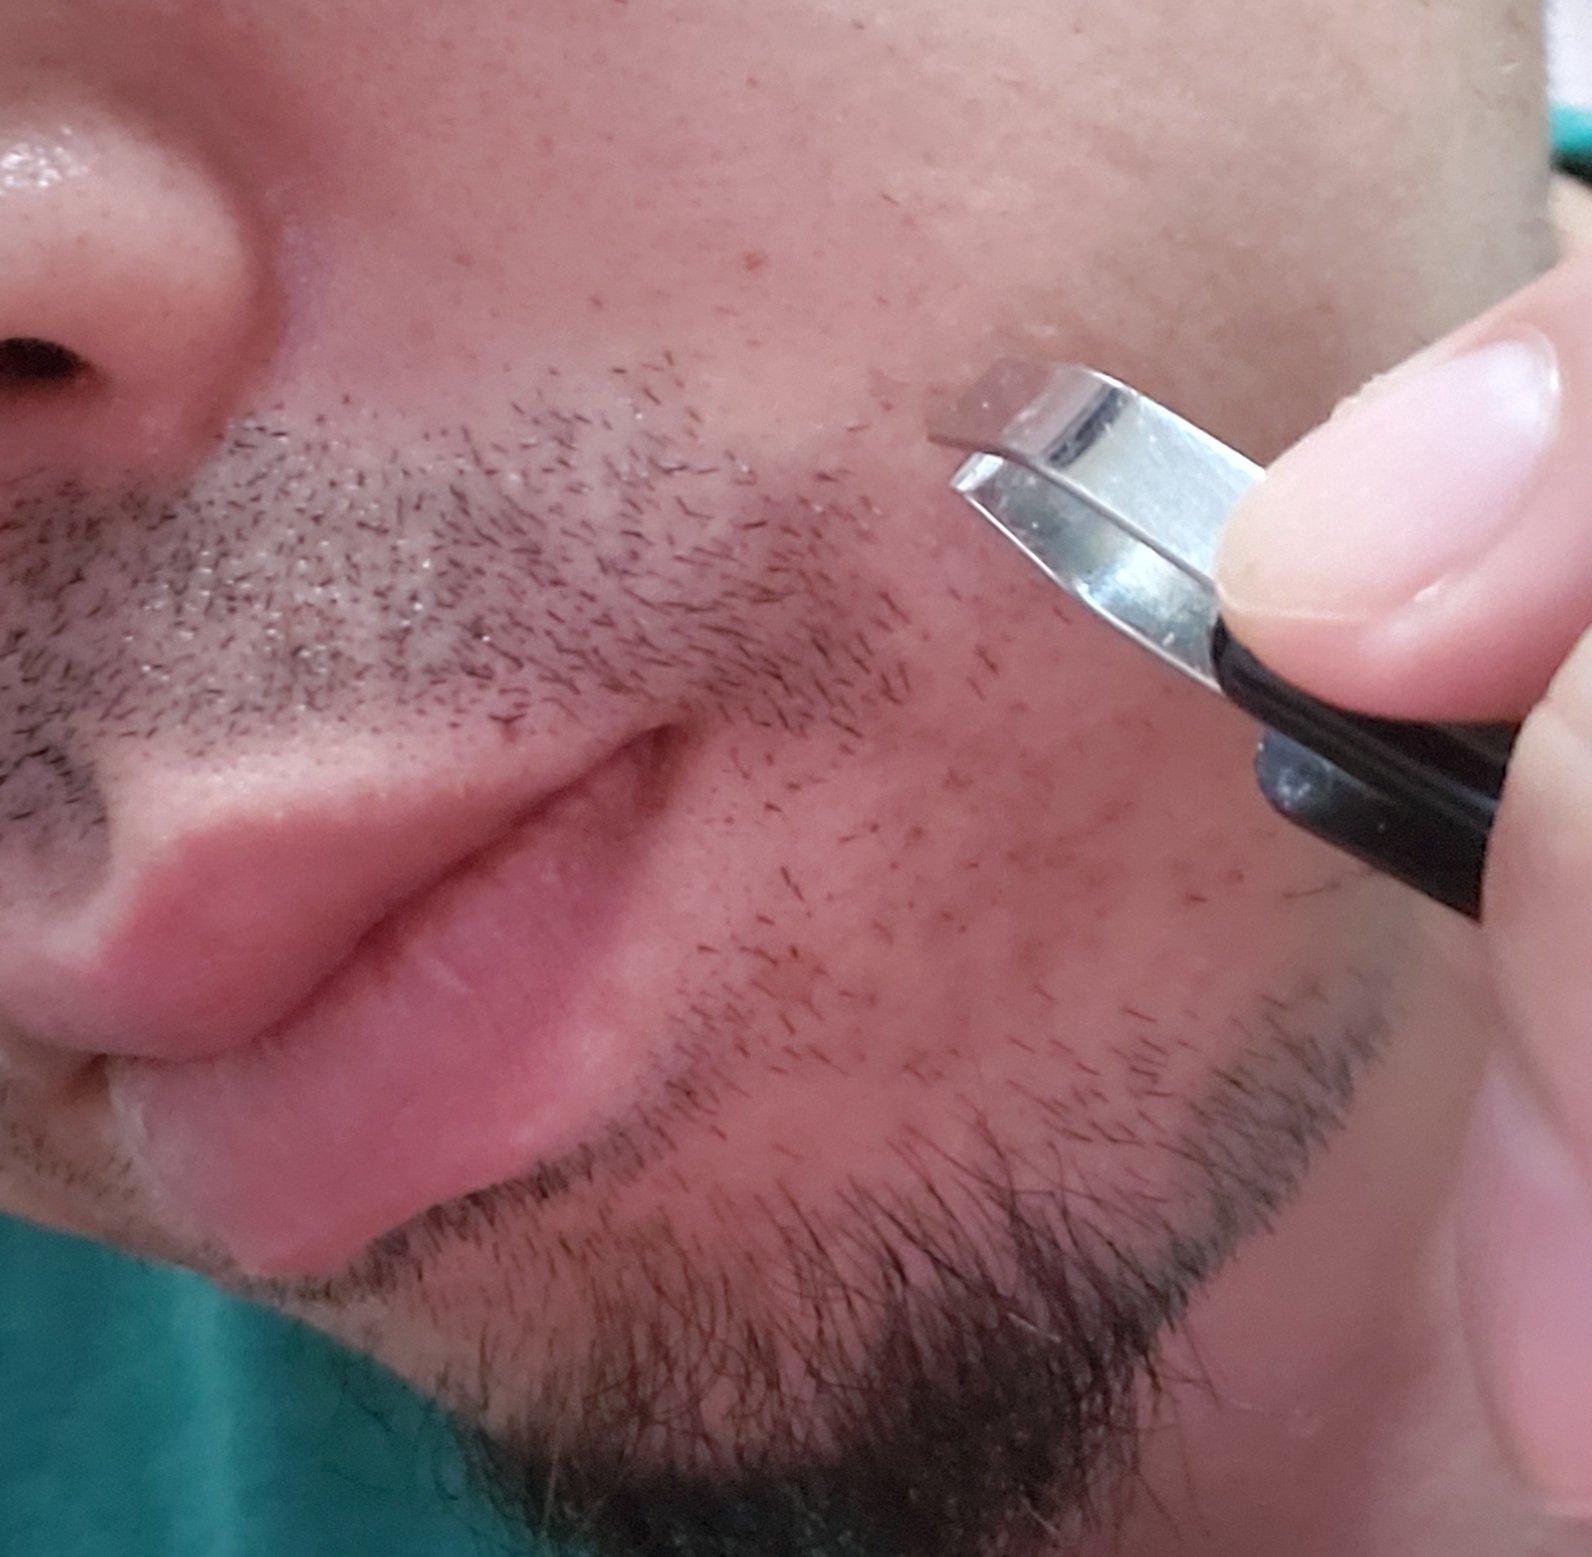 髭を抜くとニキビができやすい